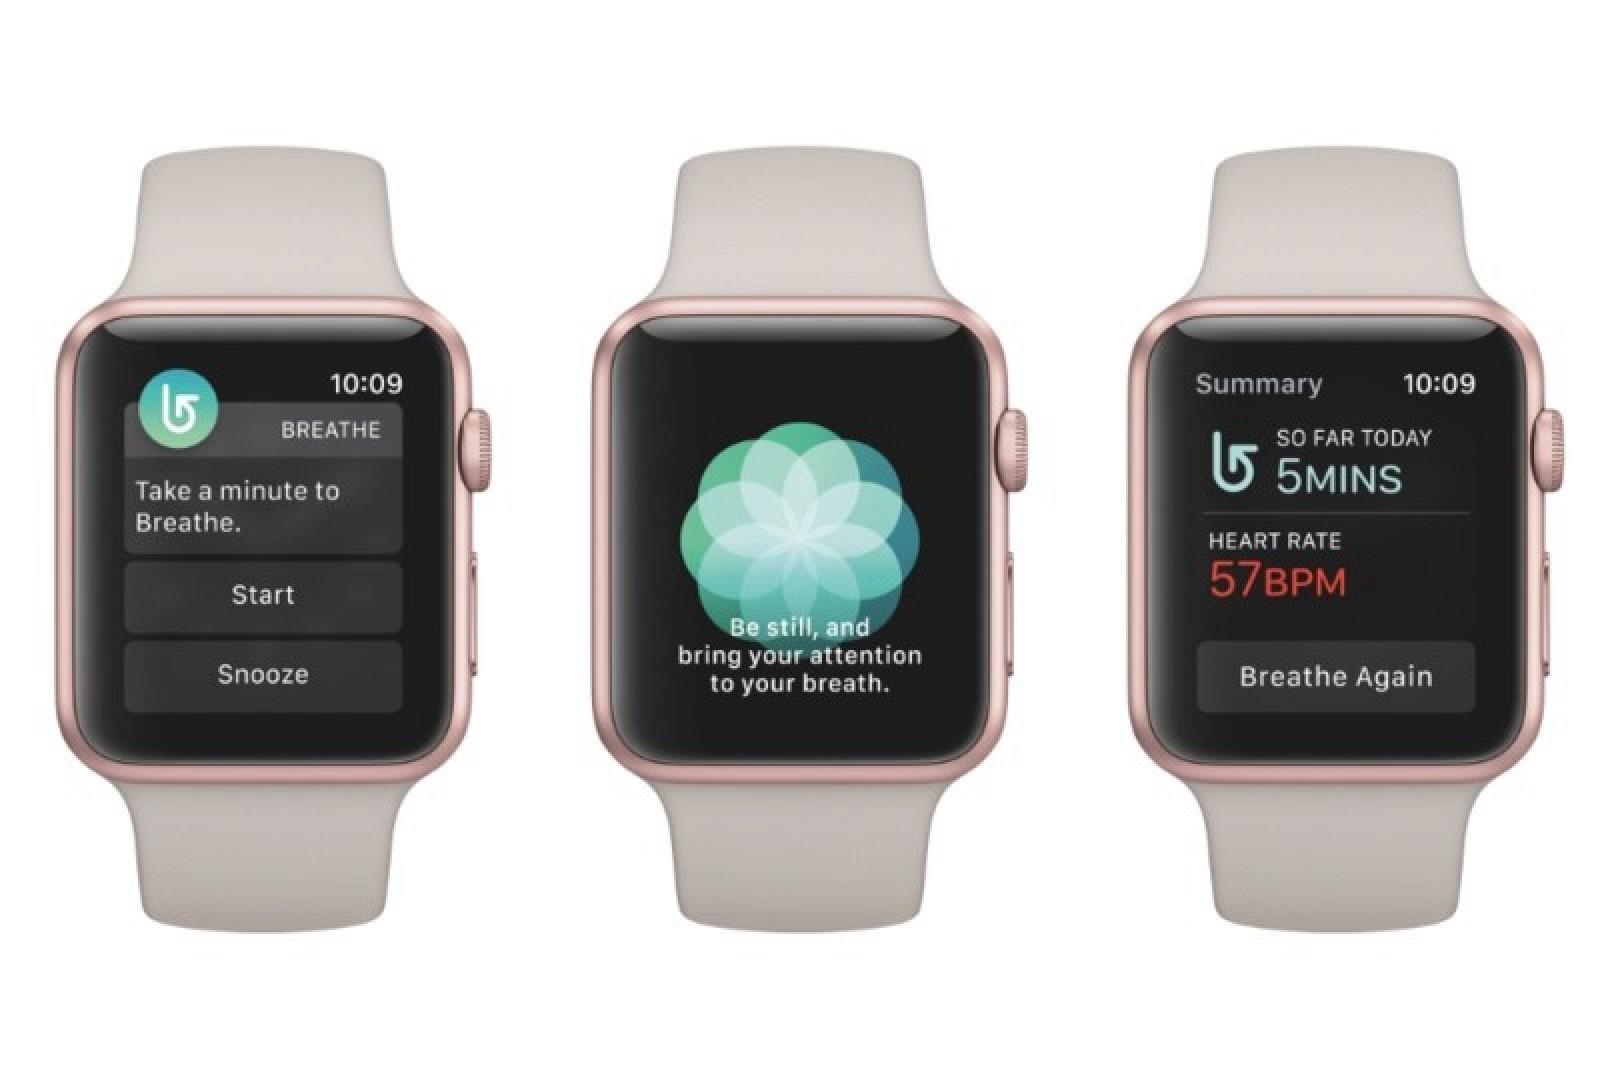 Apple watch forex app